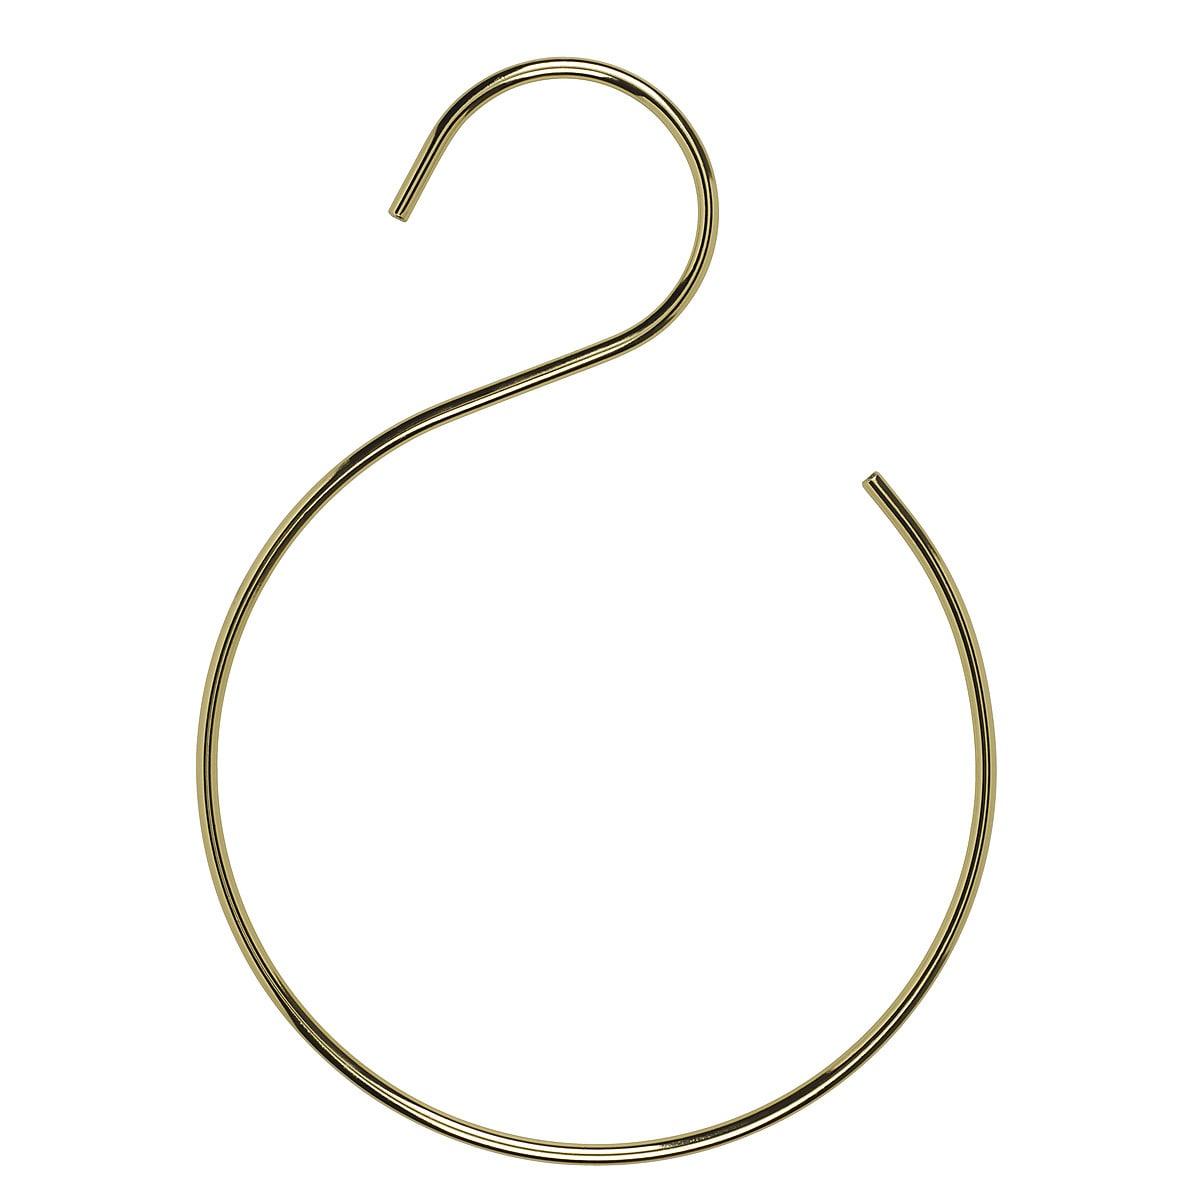 S-Hook Hanger